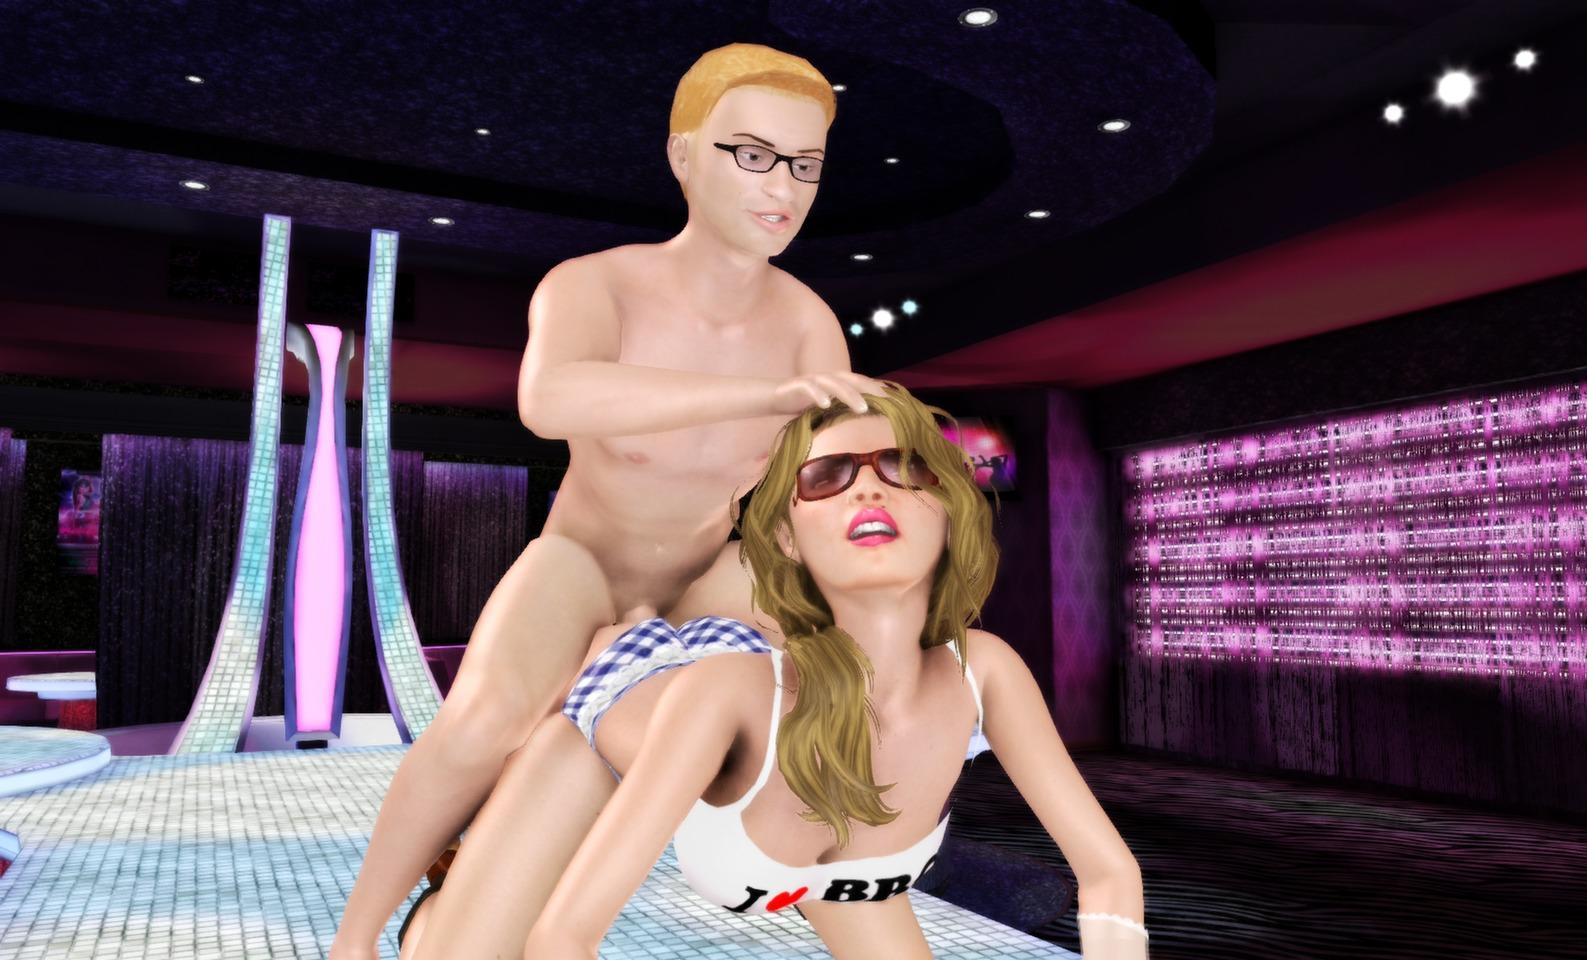 Quck reccomend stripper interview